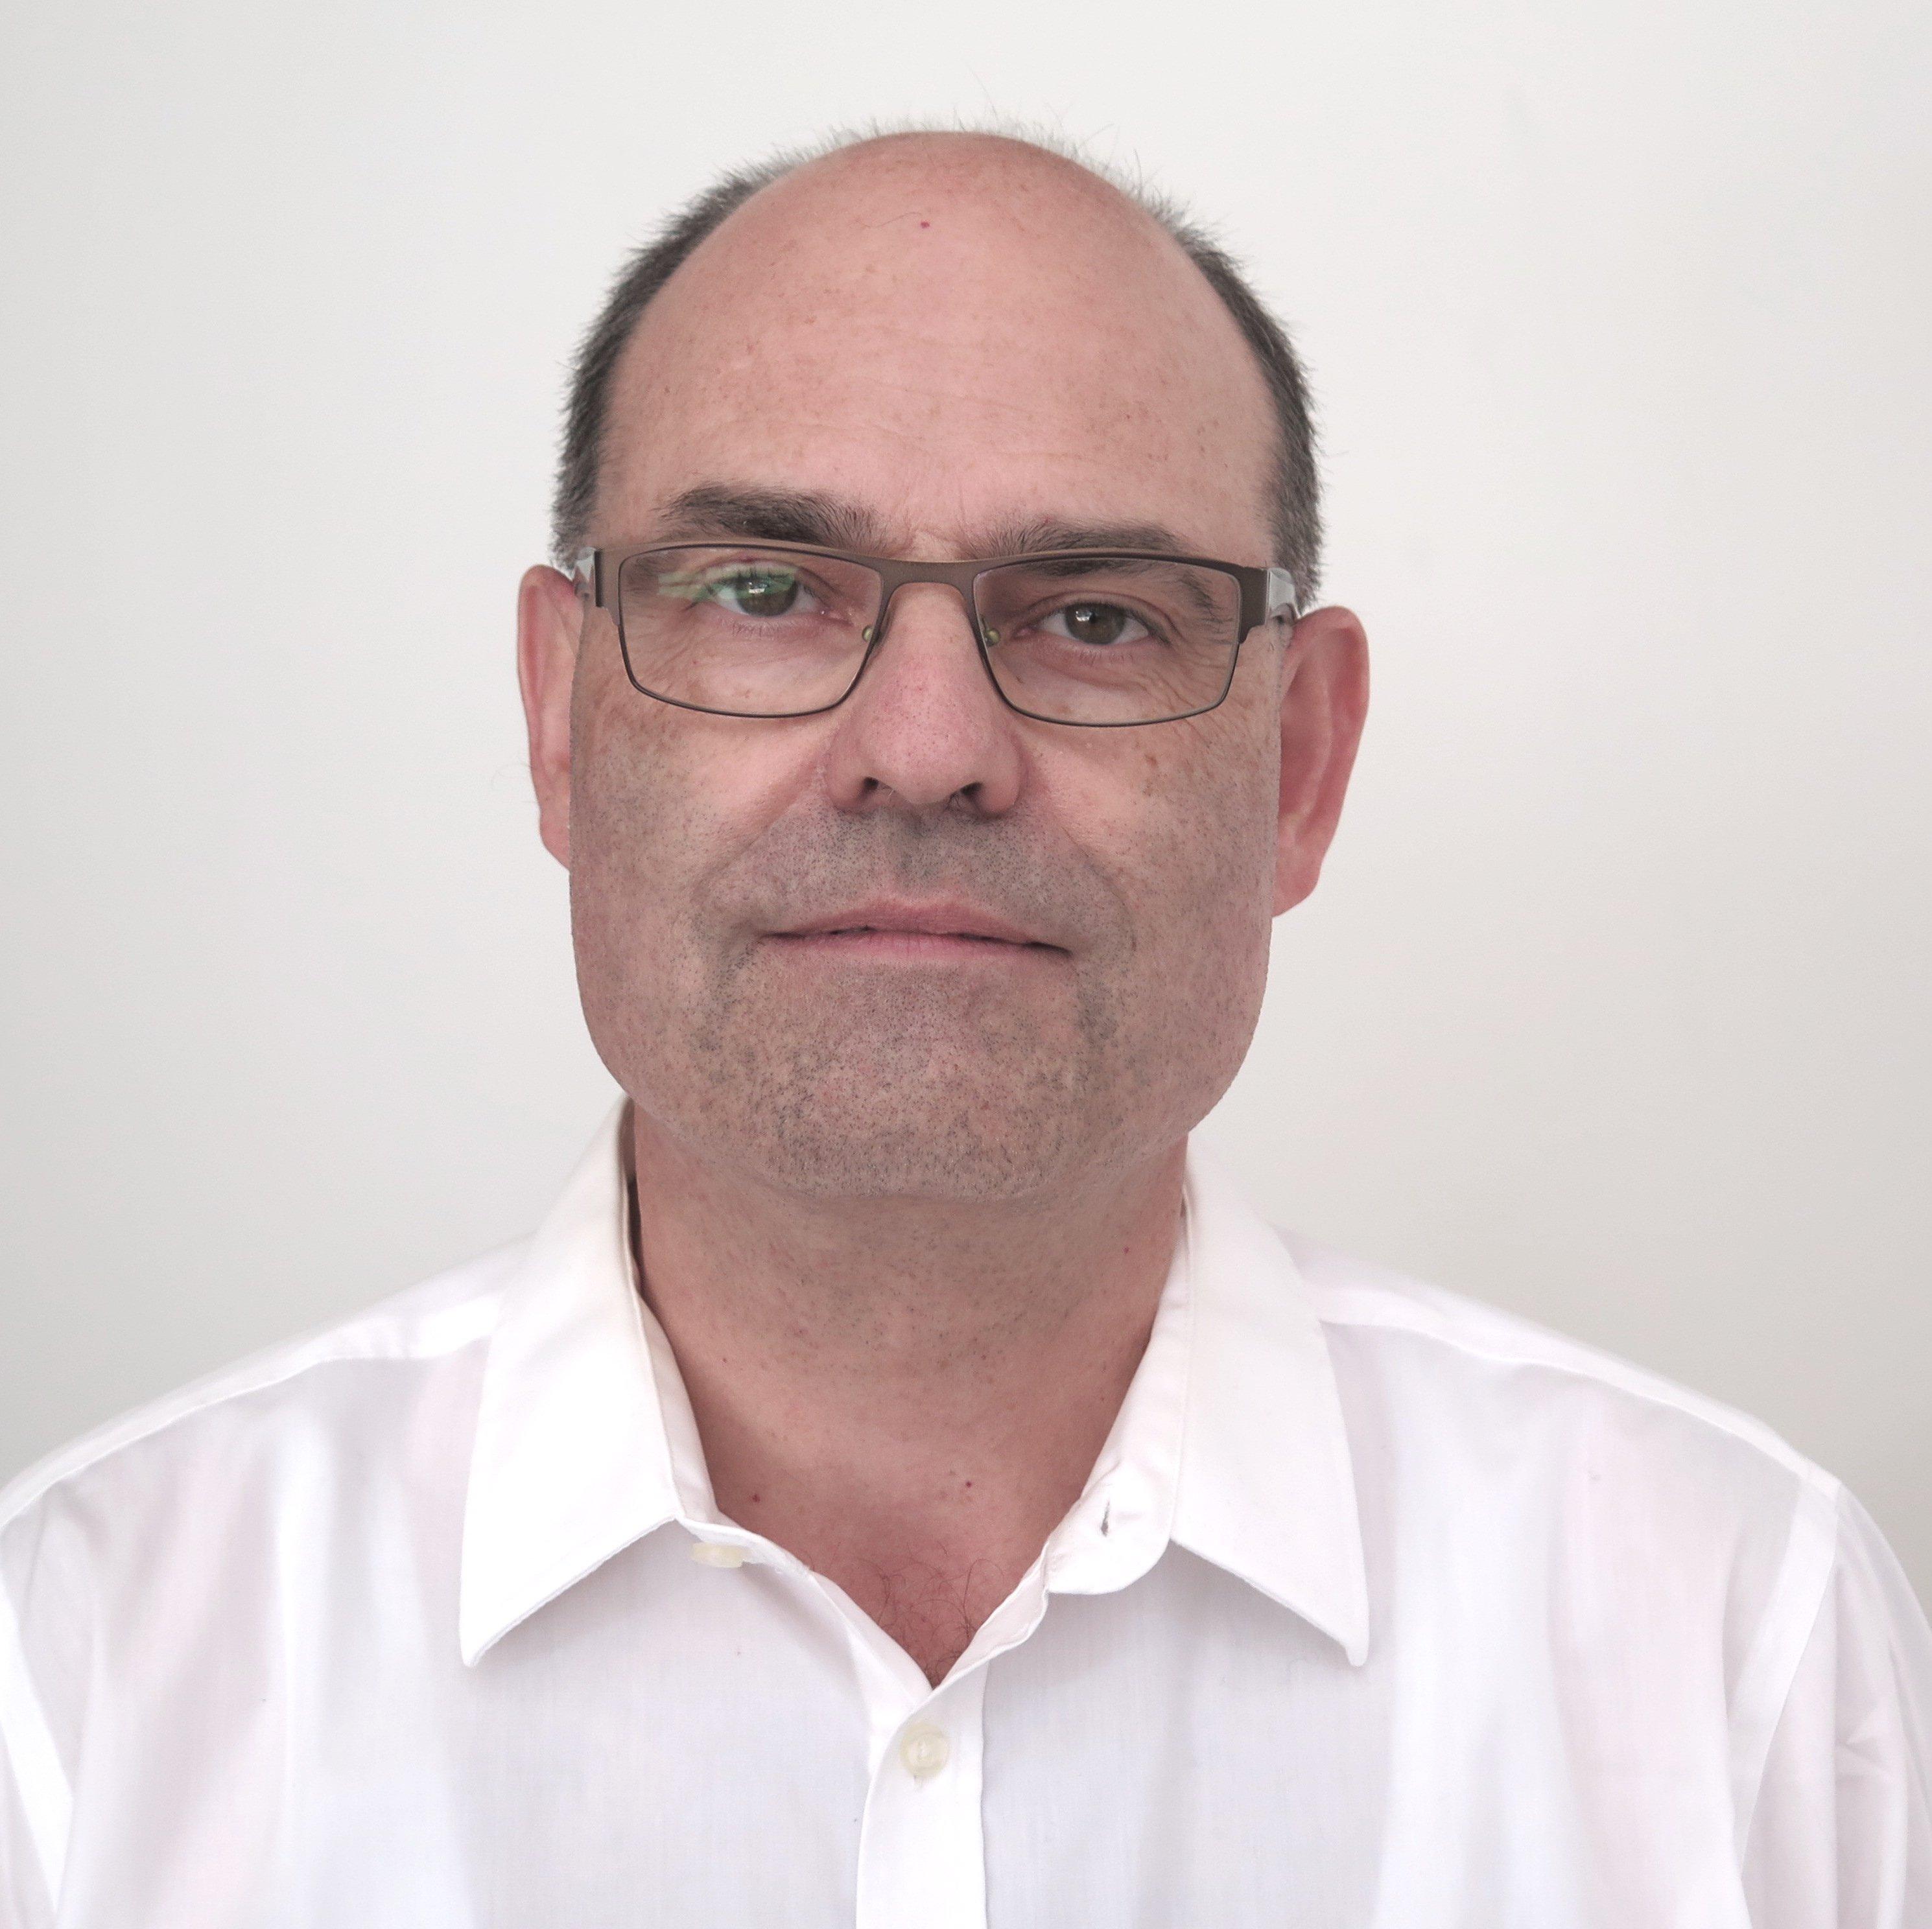 Dr. Markus Wiggli